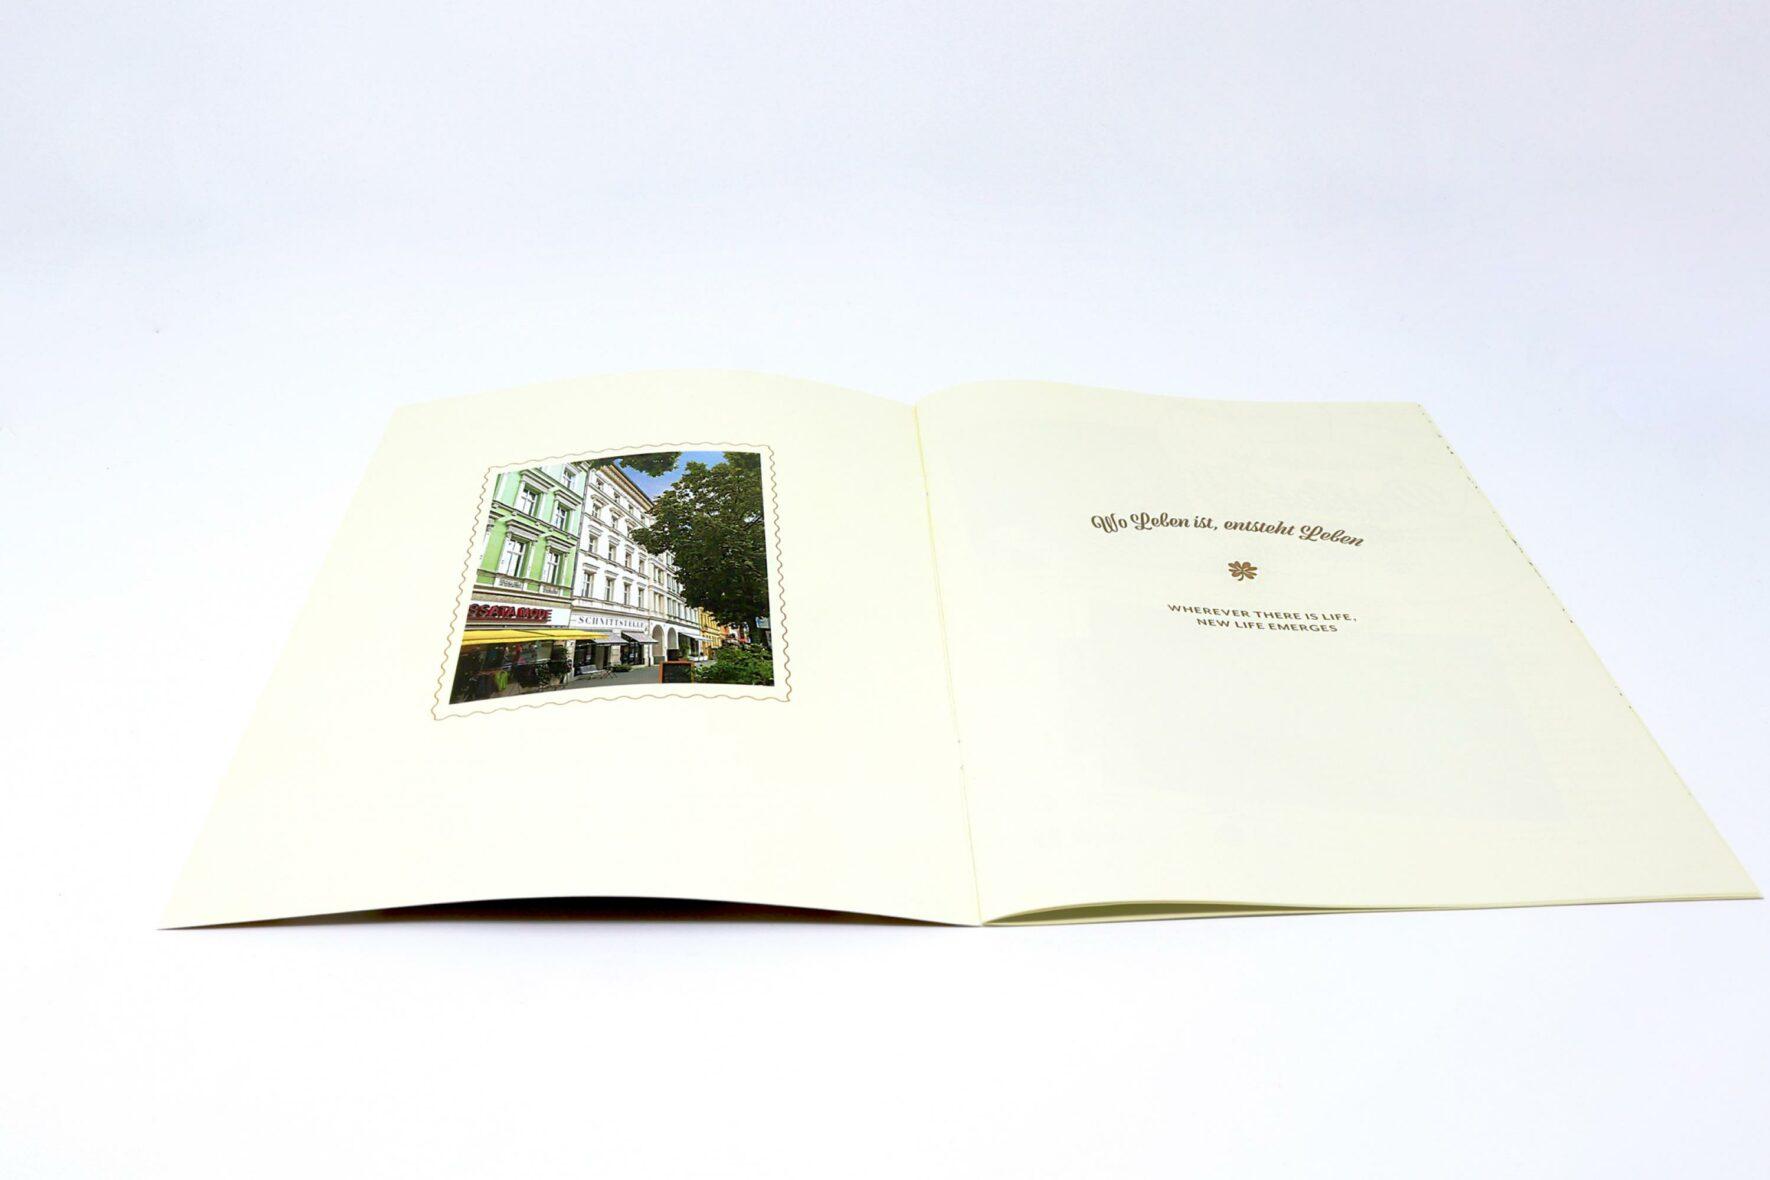 Corporate_Design-Trendcity_Immobilien-Broschüre-Bergmann-Layout-1